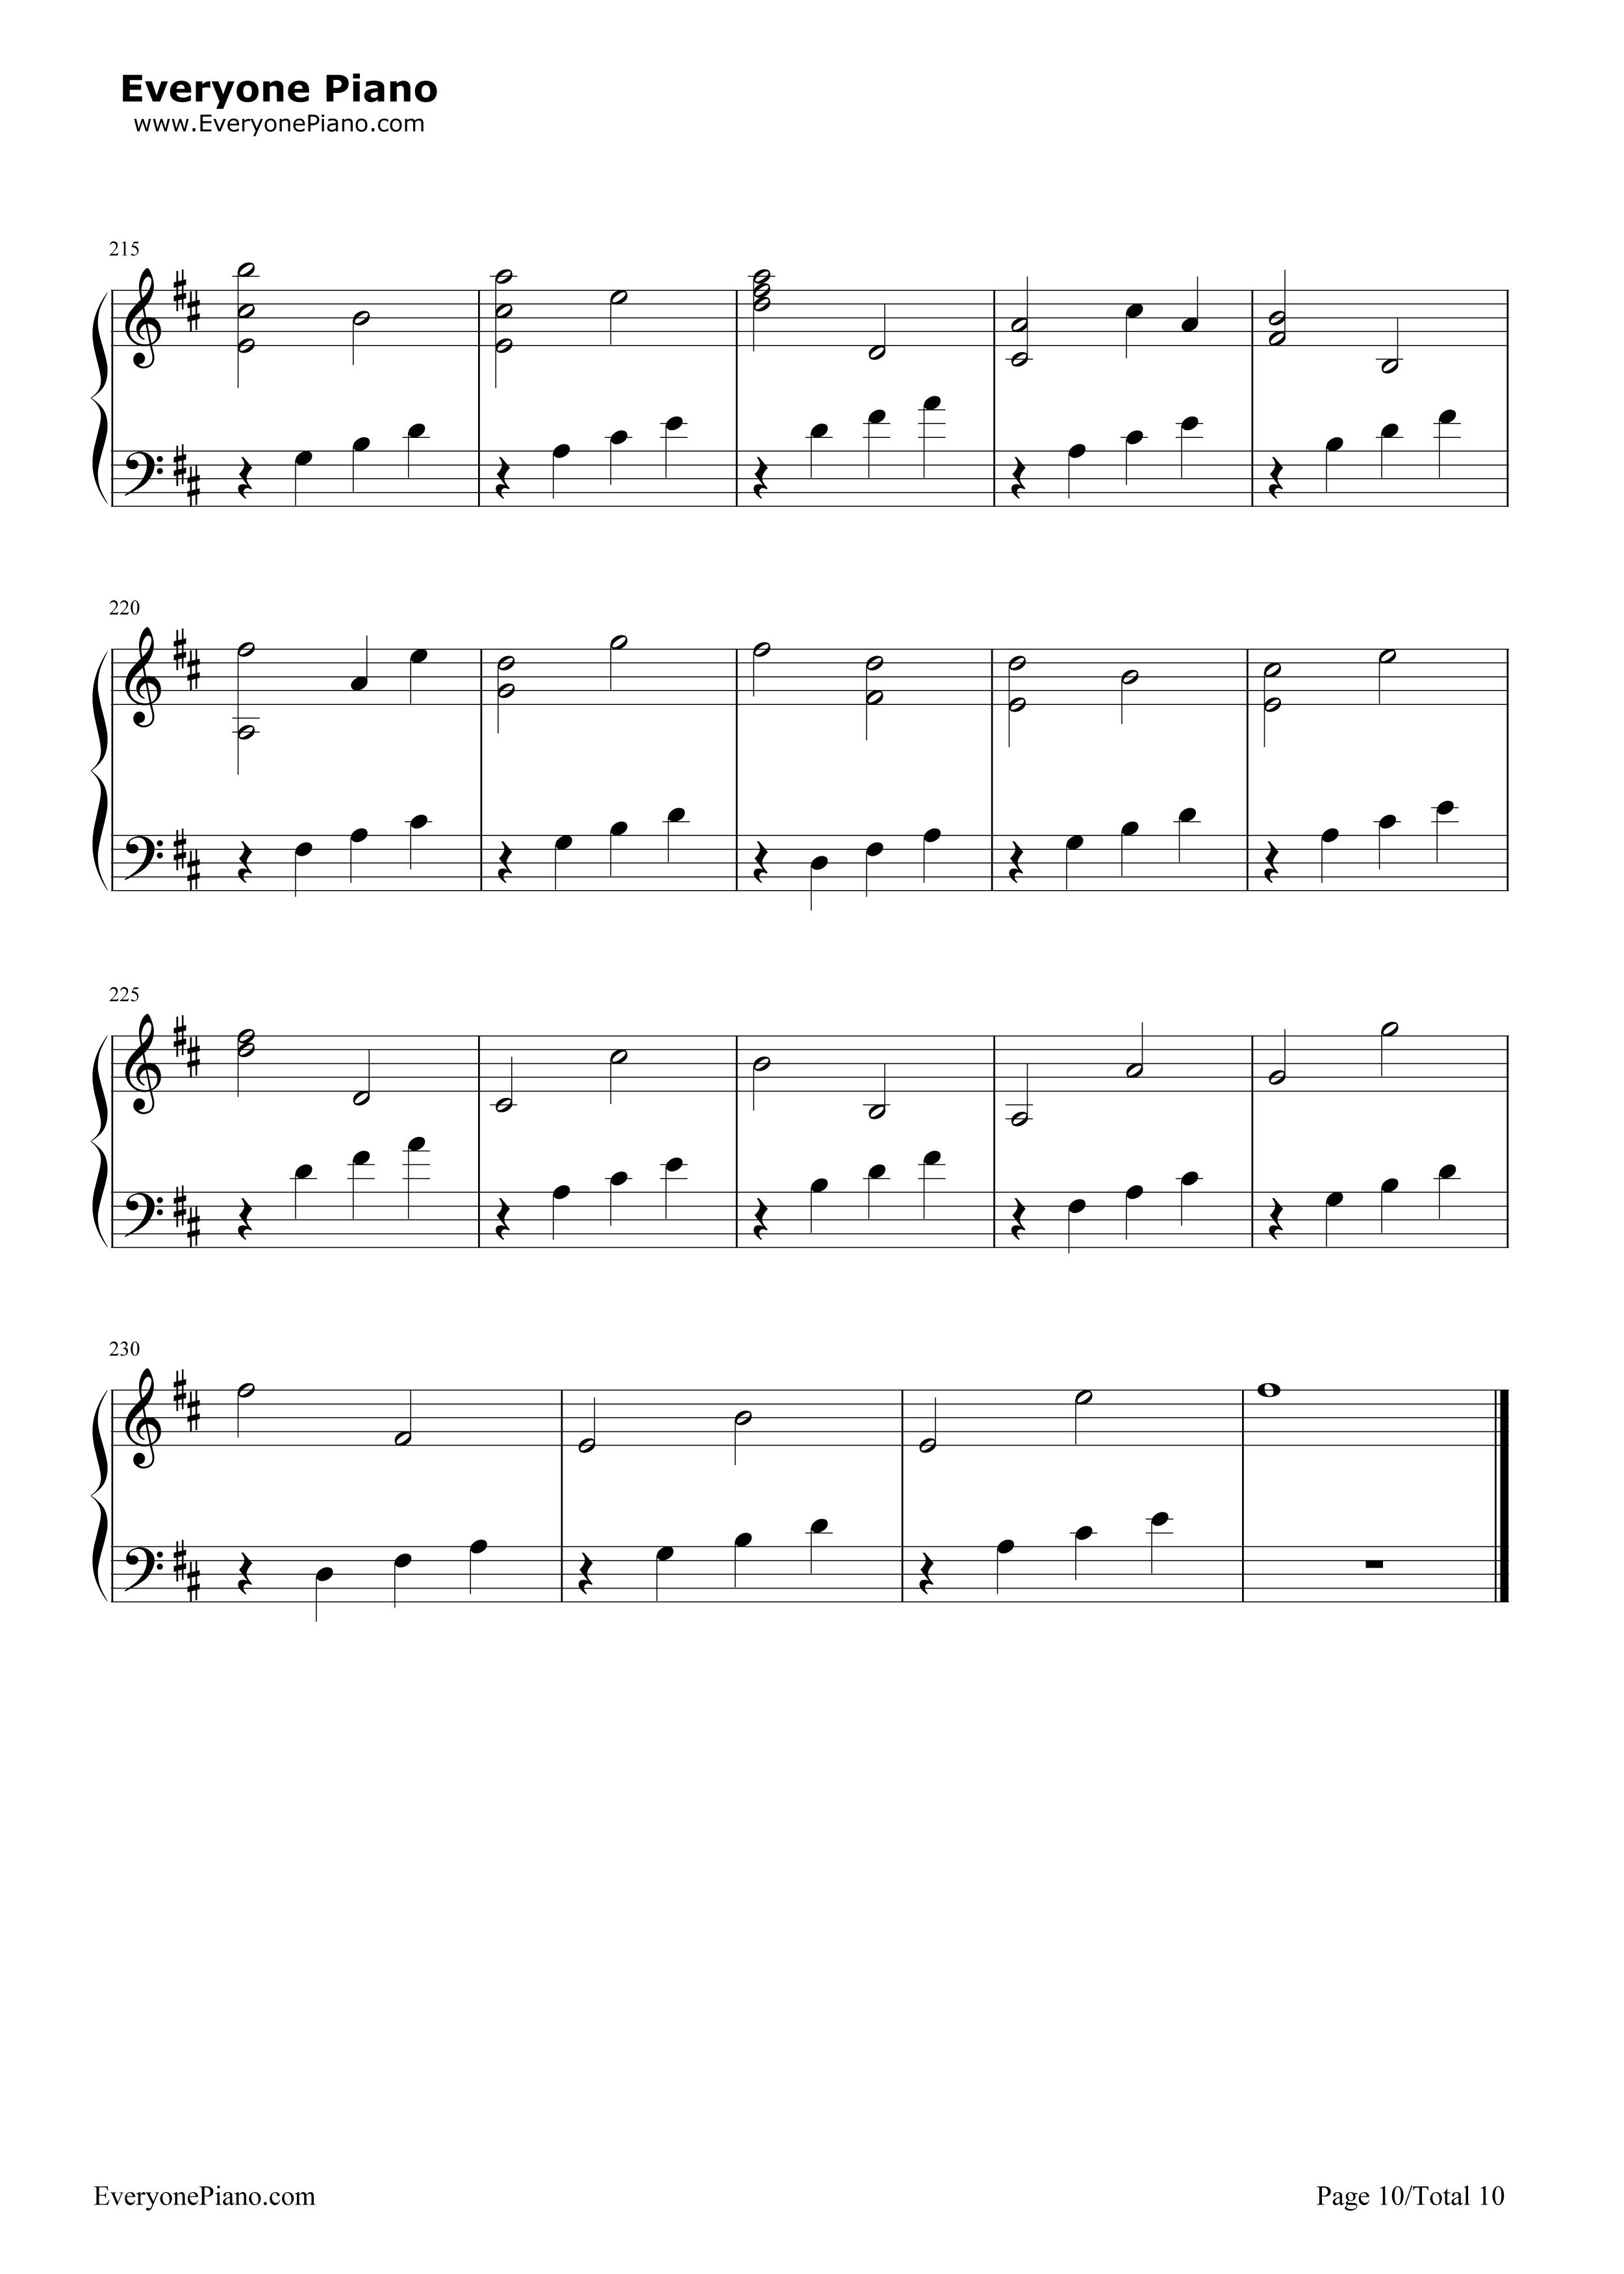 D大调卡农原版 约翰 帕赫贝尔五线谱预览 EOP在线乐谱架